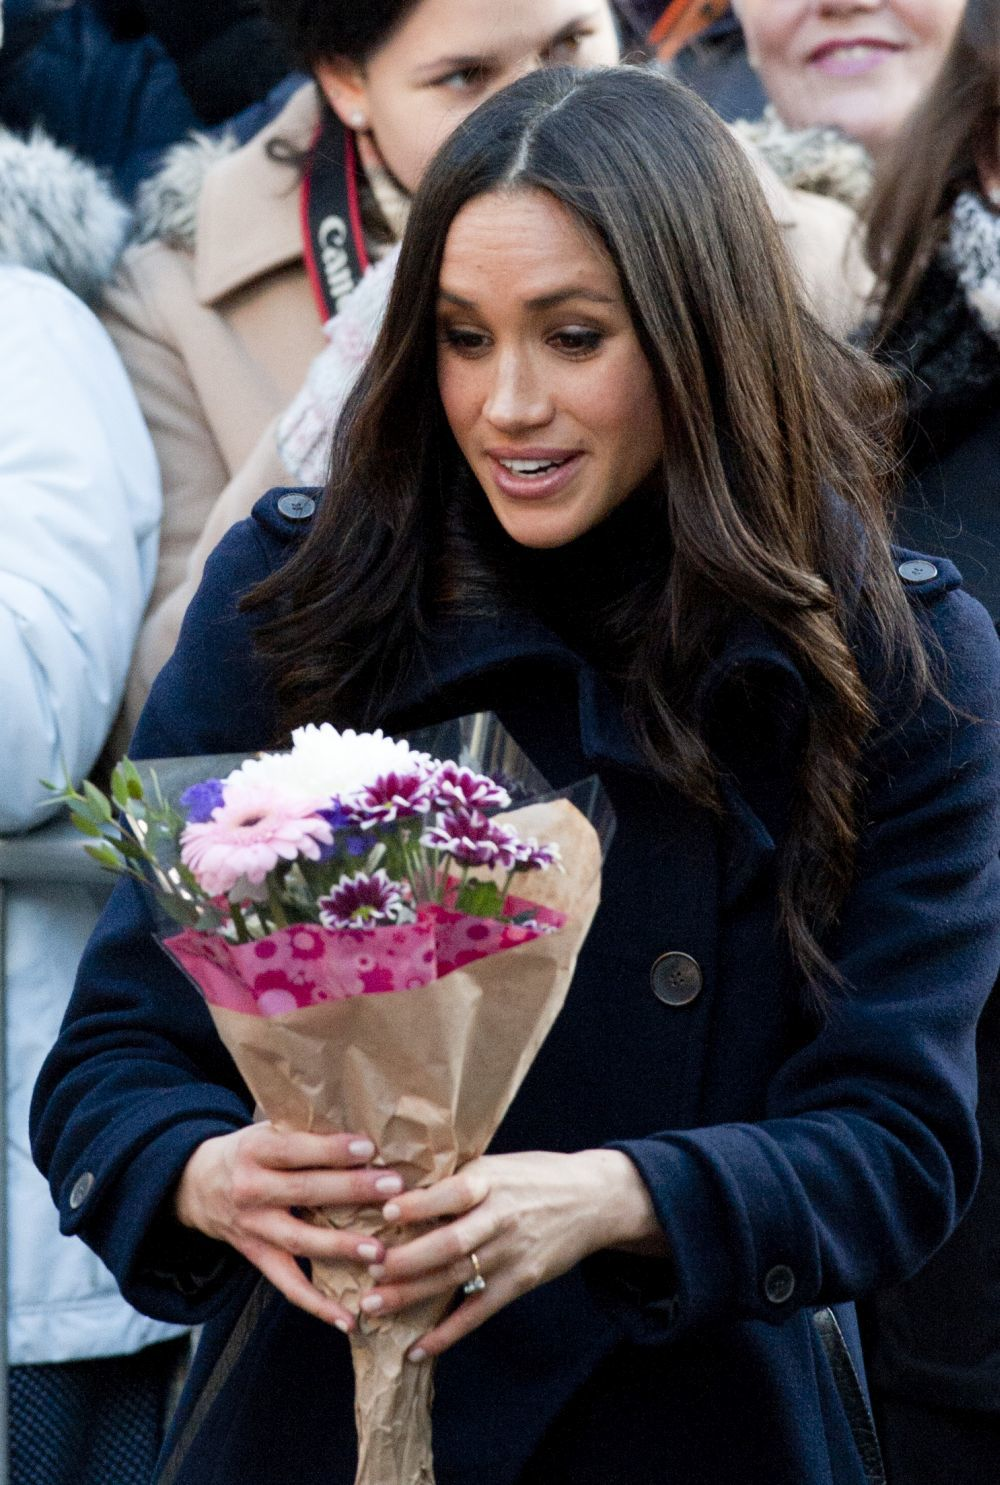 Meghan Markle recibió numerosos ramos de flores